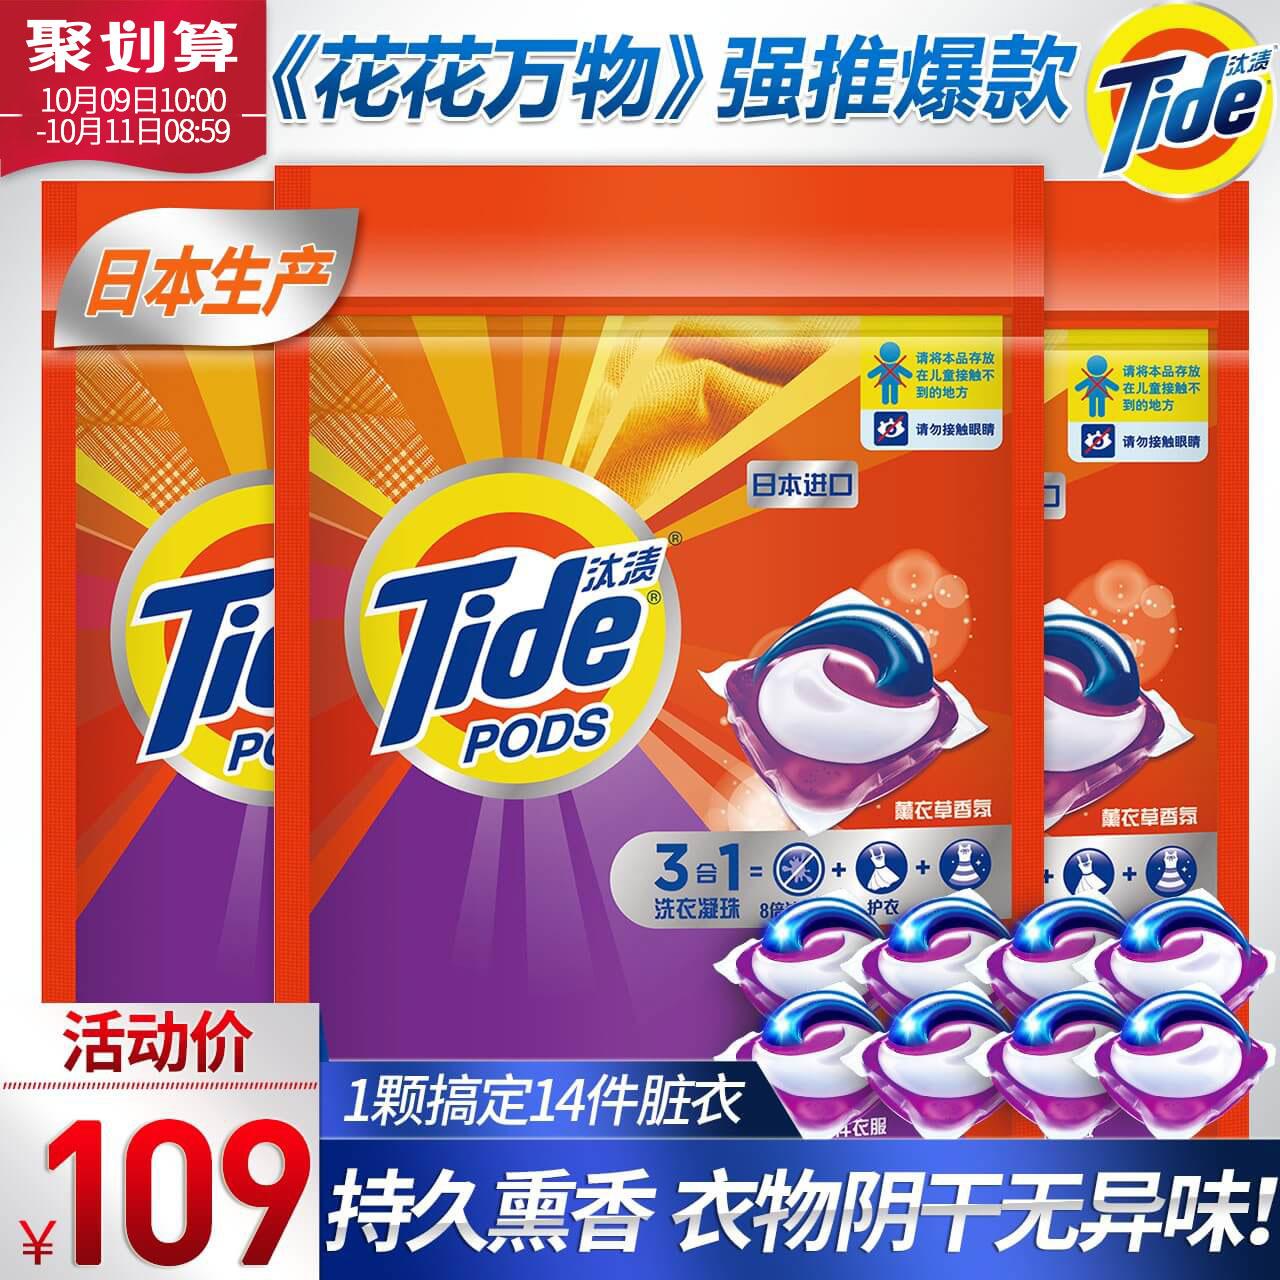 汰渍三色洗衣球18颗x3进口洗衣凝珠8倍洁净薰香味浓缩洗衣液珠